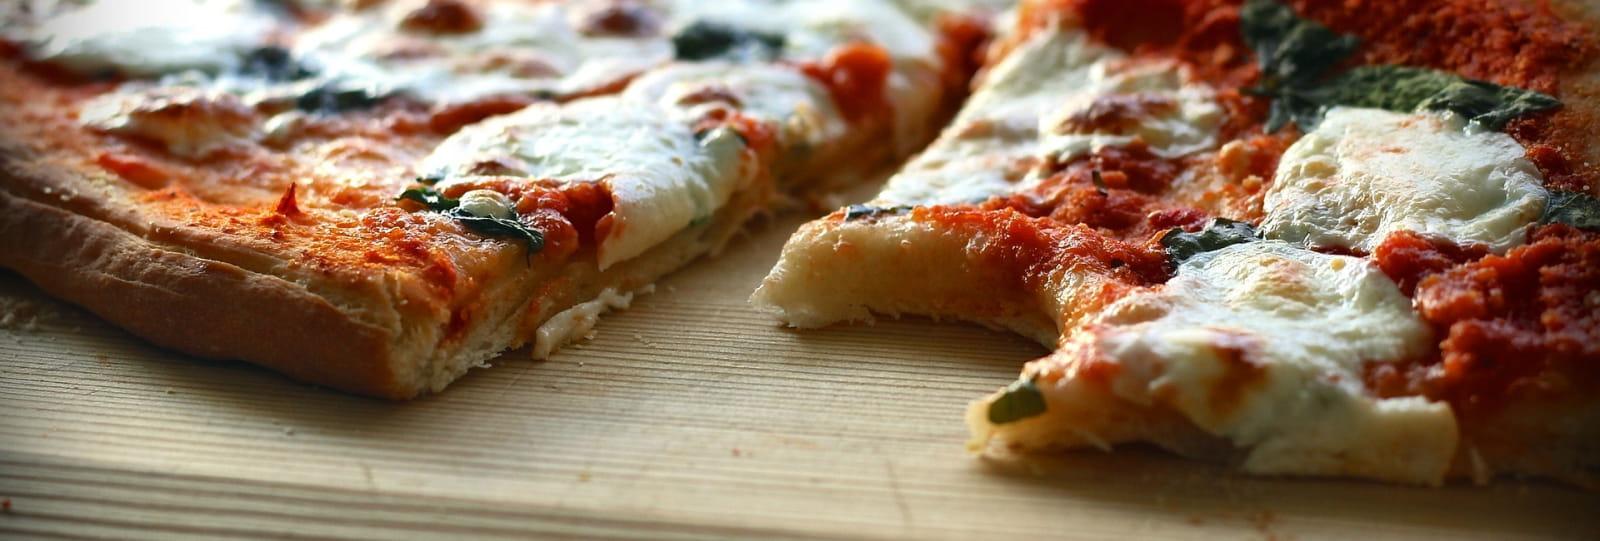 Pizzeria - La Flambée du Vercors